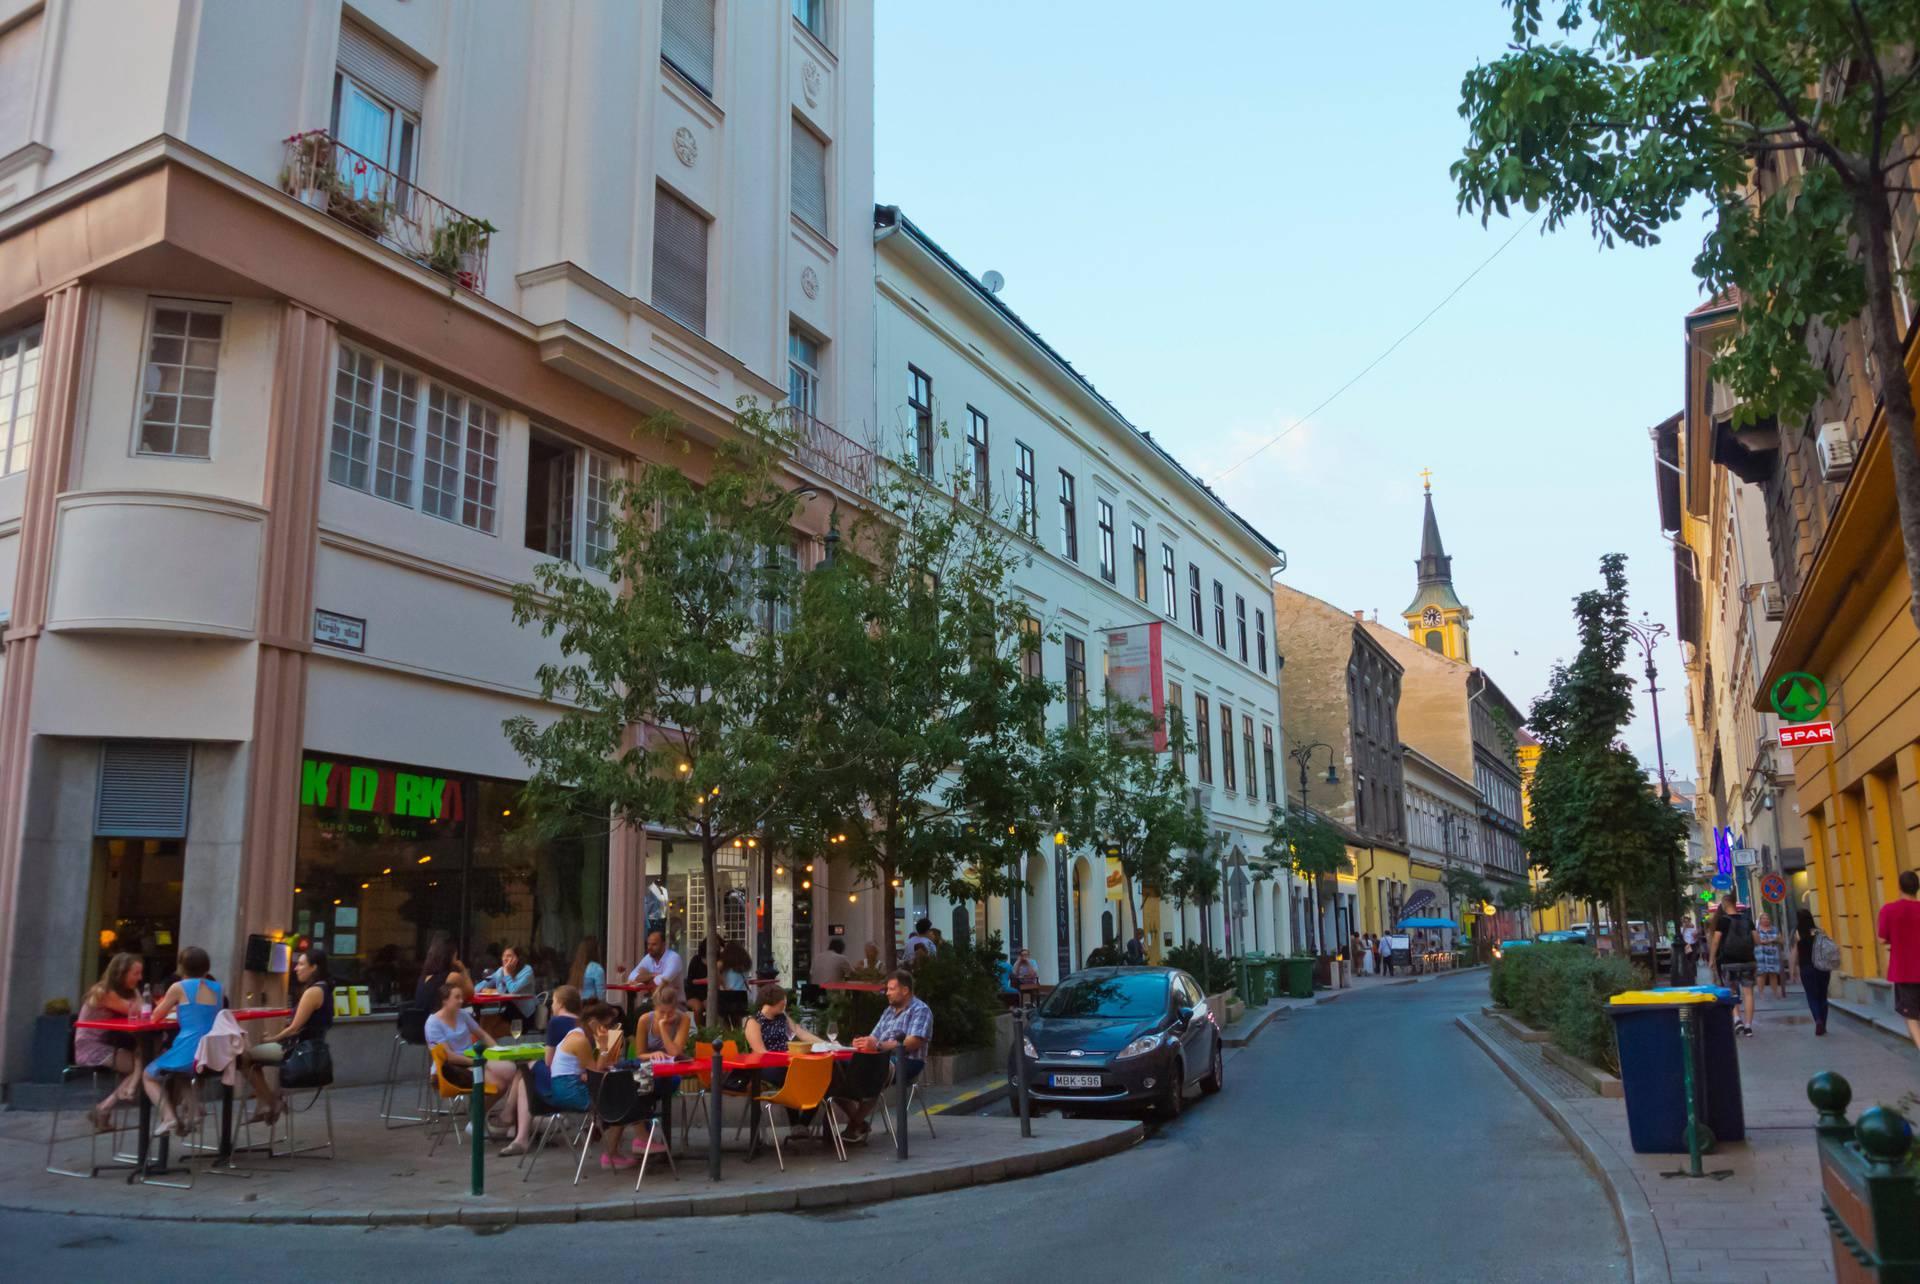 Kiraly utca, Erzsébetváros, Budapest, Hungary